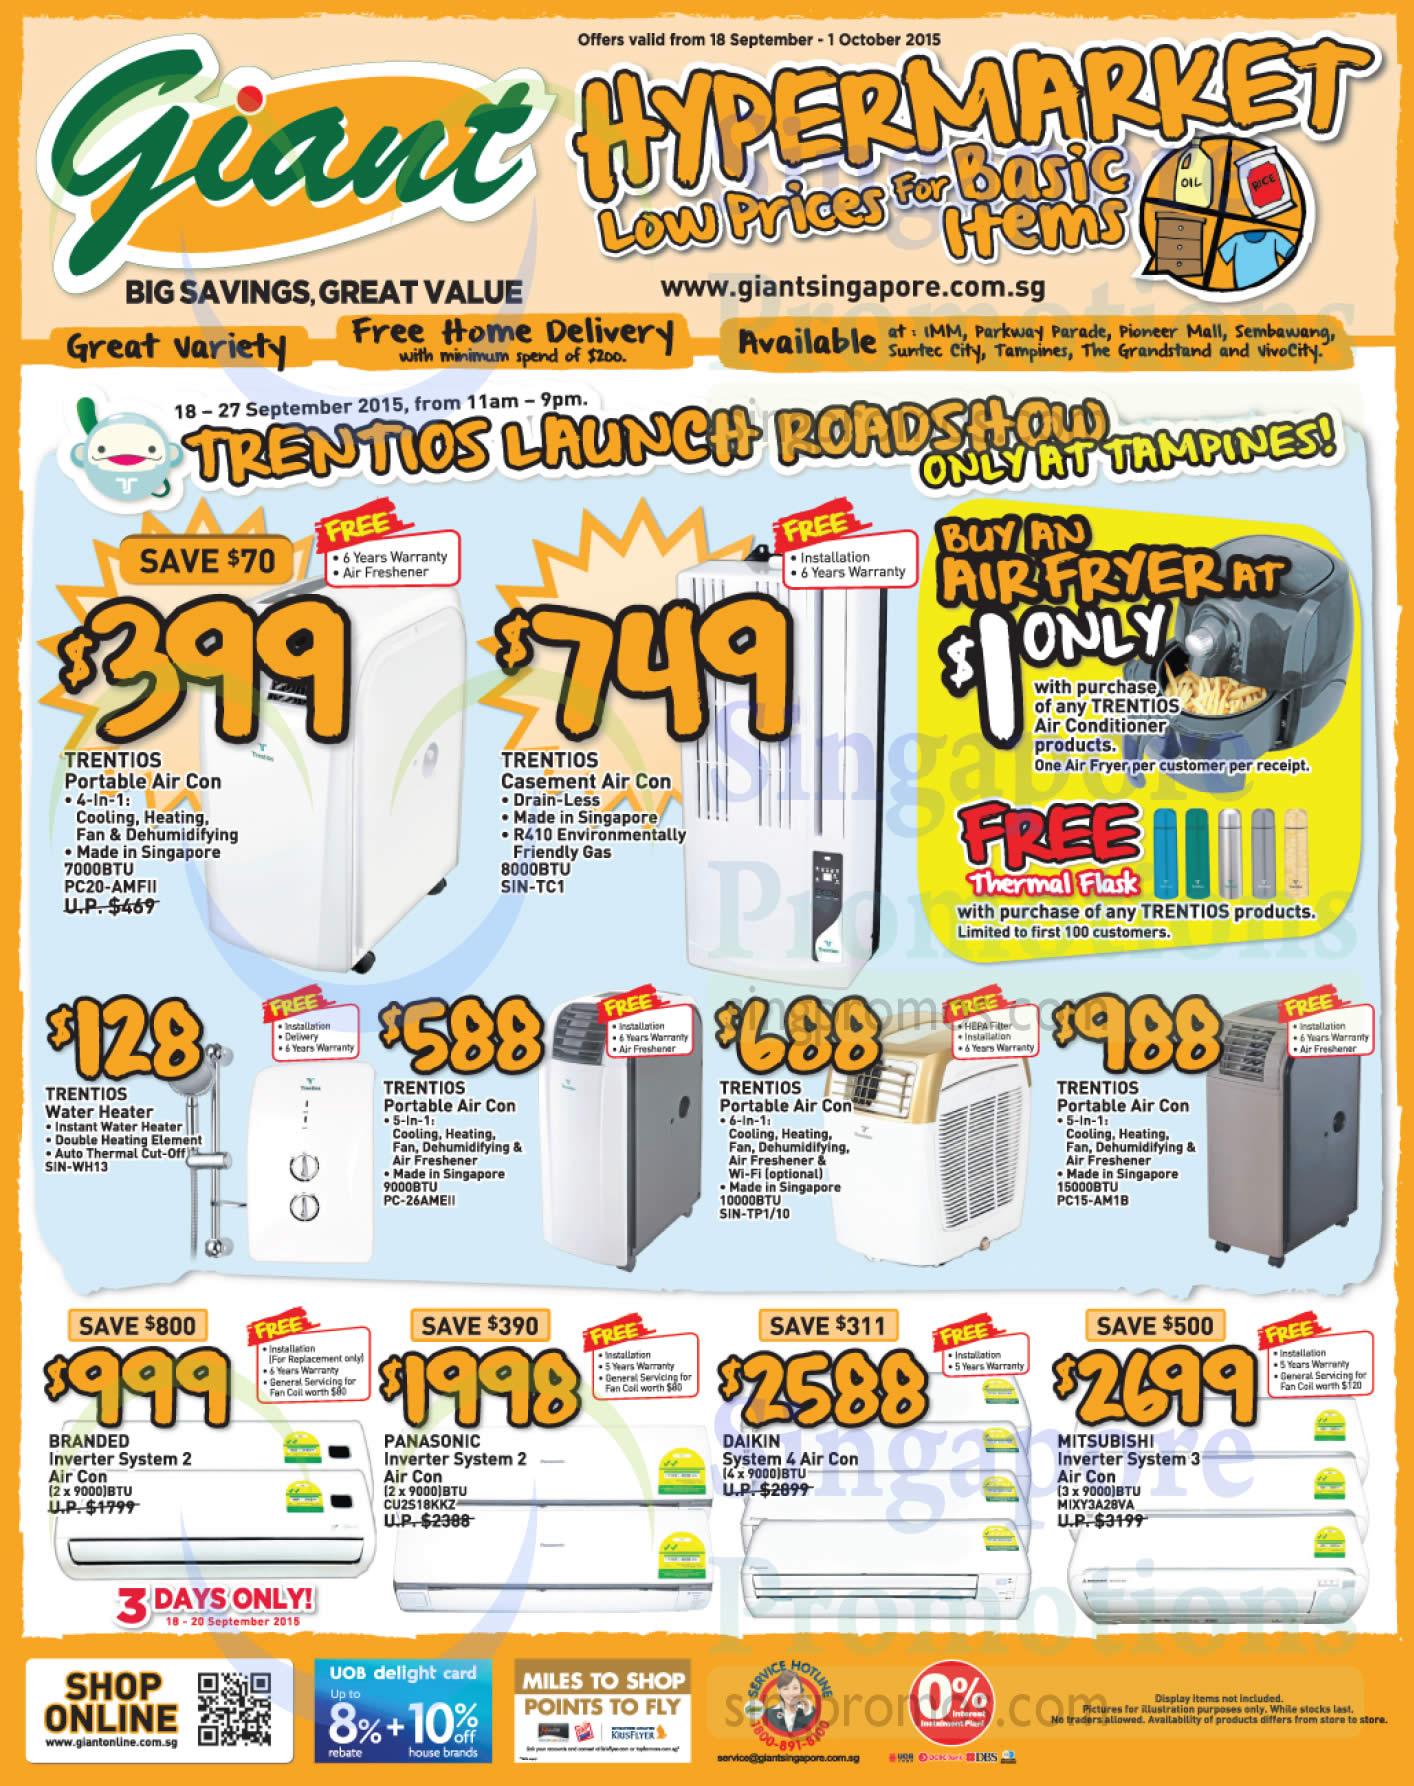 Trentios PC20-AMFII Air Conditioner, Trentios SIN-TC1 Air Conditioner, Trentios SIN-WH13 Water Heater, Trentios PC-26AMEII Air Conditioner, Trentios SIN-TP1/10 Air Conditioner, Trentios PC15-AM1B Air Conditioner, Panasonic CU2S18KKZ Inverter System 2 Air Conditioner, Mitsubishi MIXY3A28VA Inverter System 3 Air Conditioner